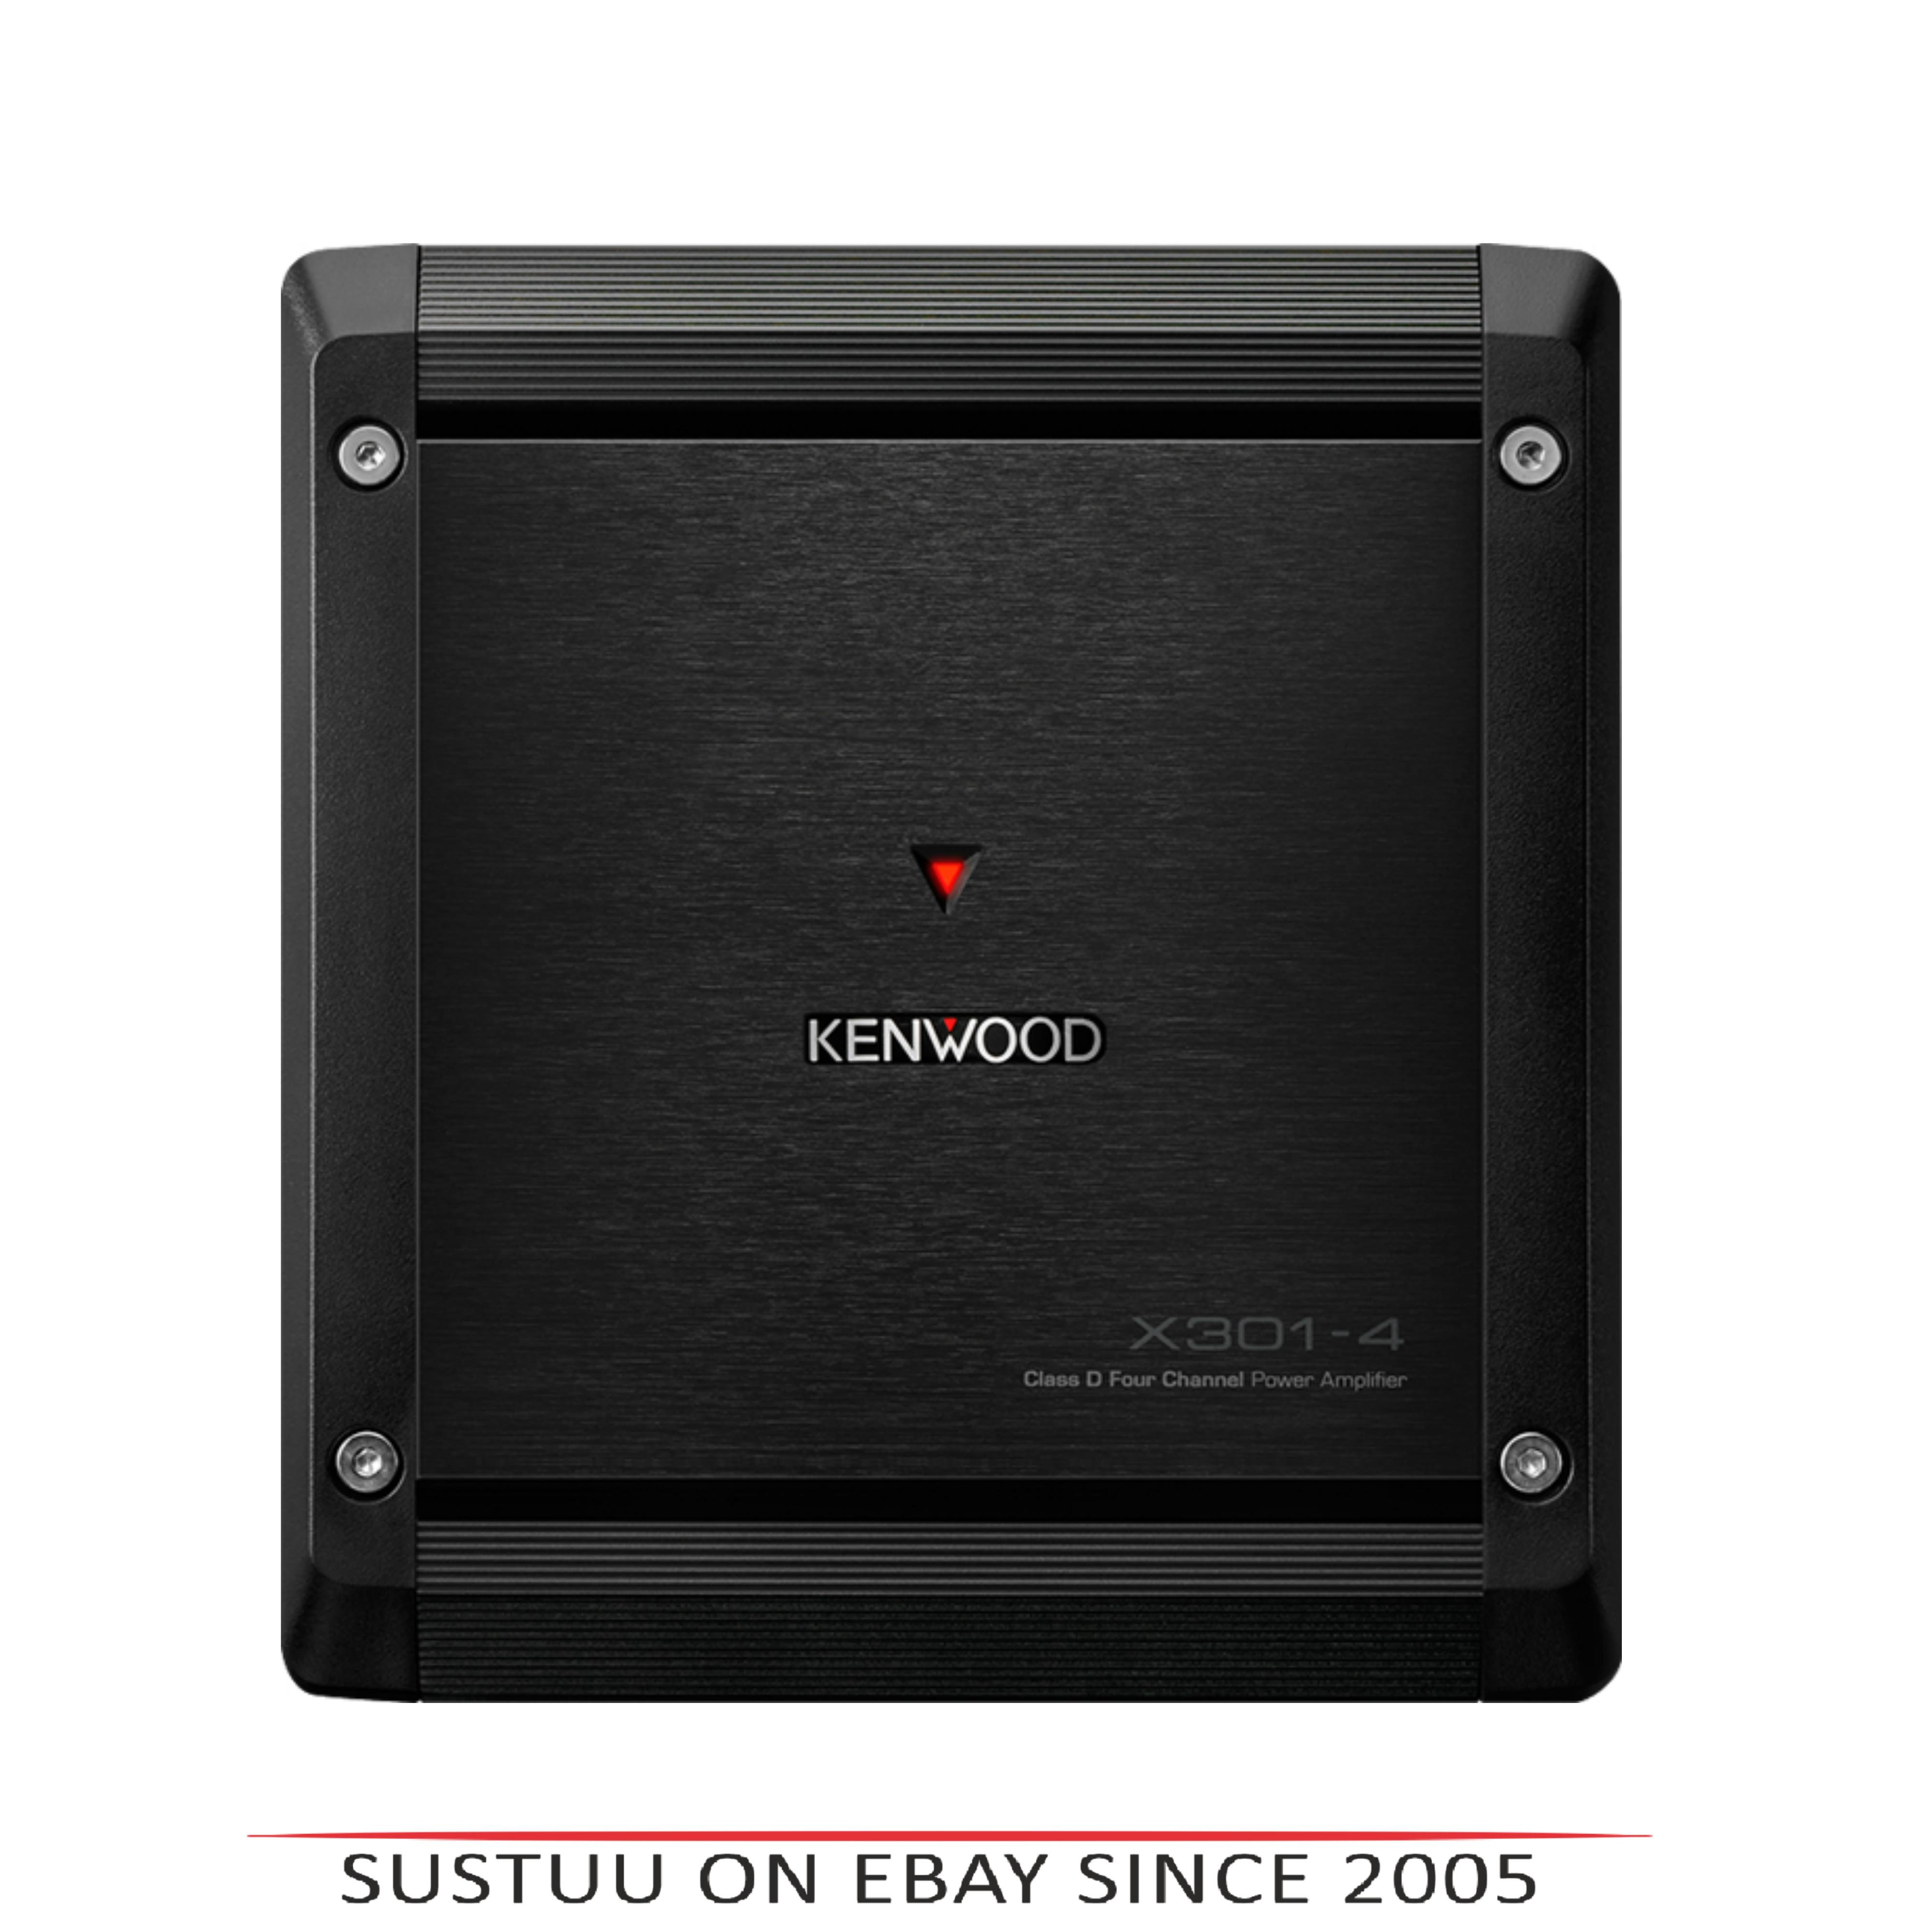 Kenwood X 301-4|4/3/2 Channel Power Amplifier|Class-D Mono|2 ohms|Stereo-Bridgeable